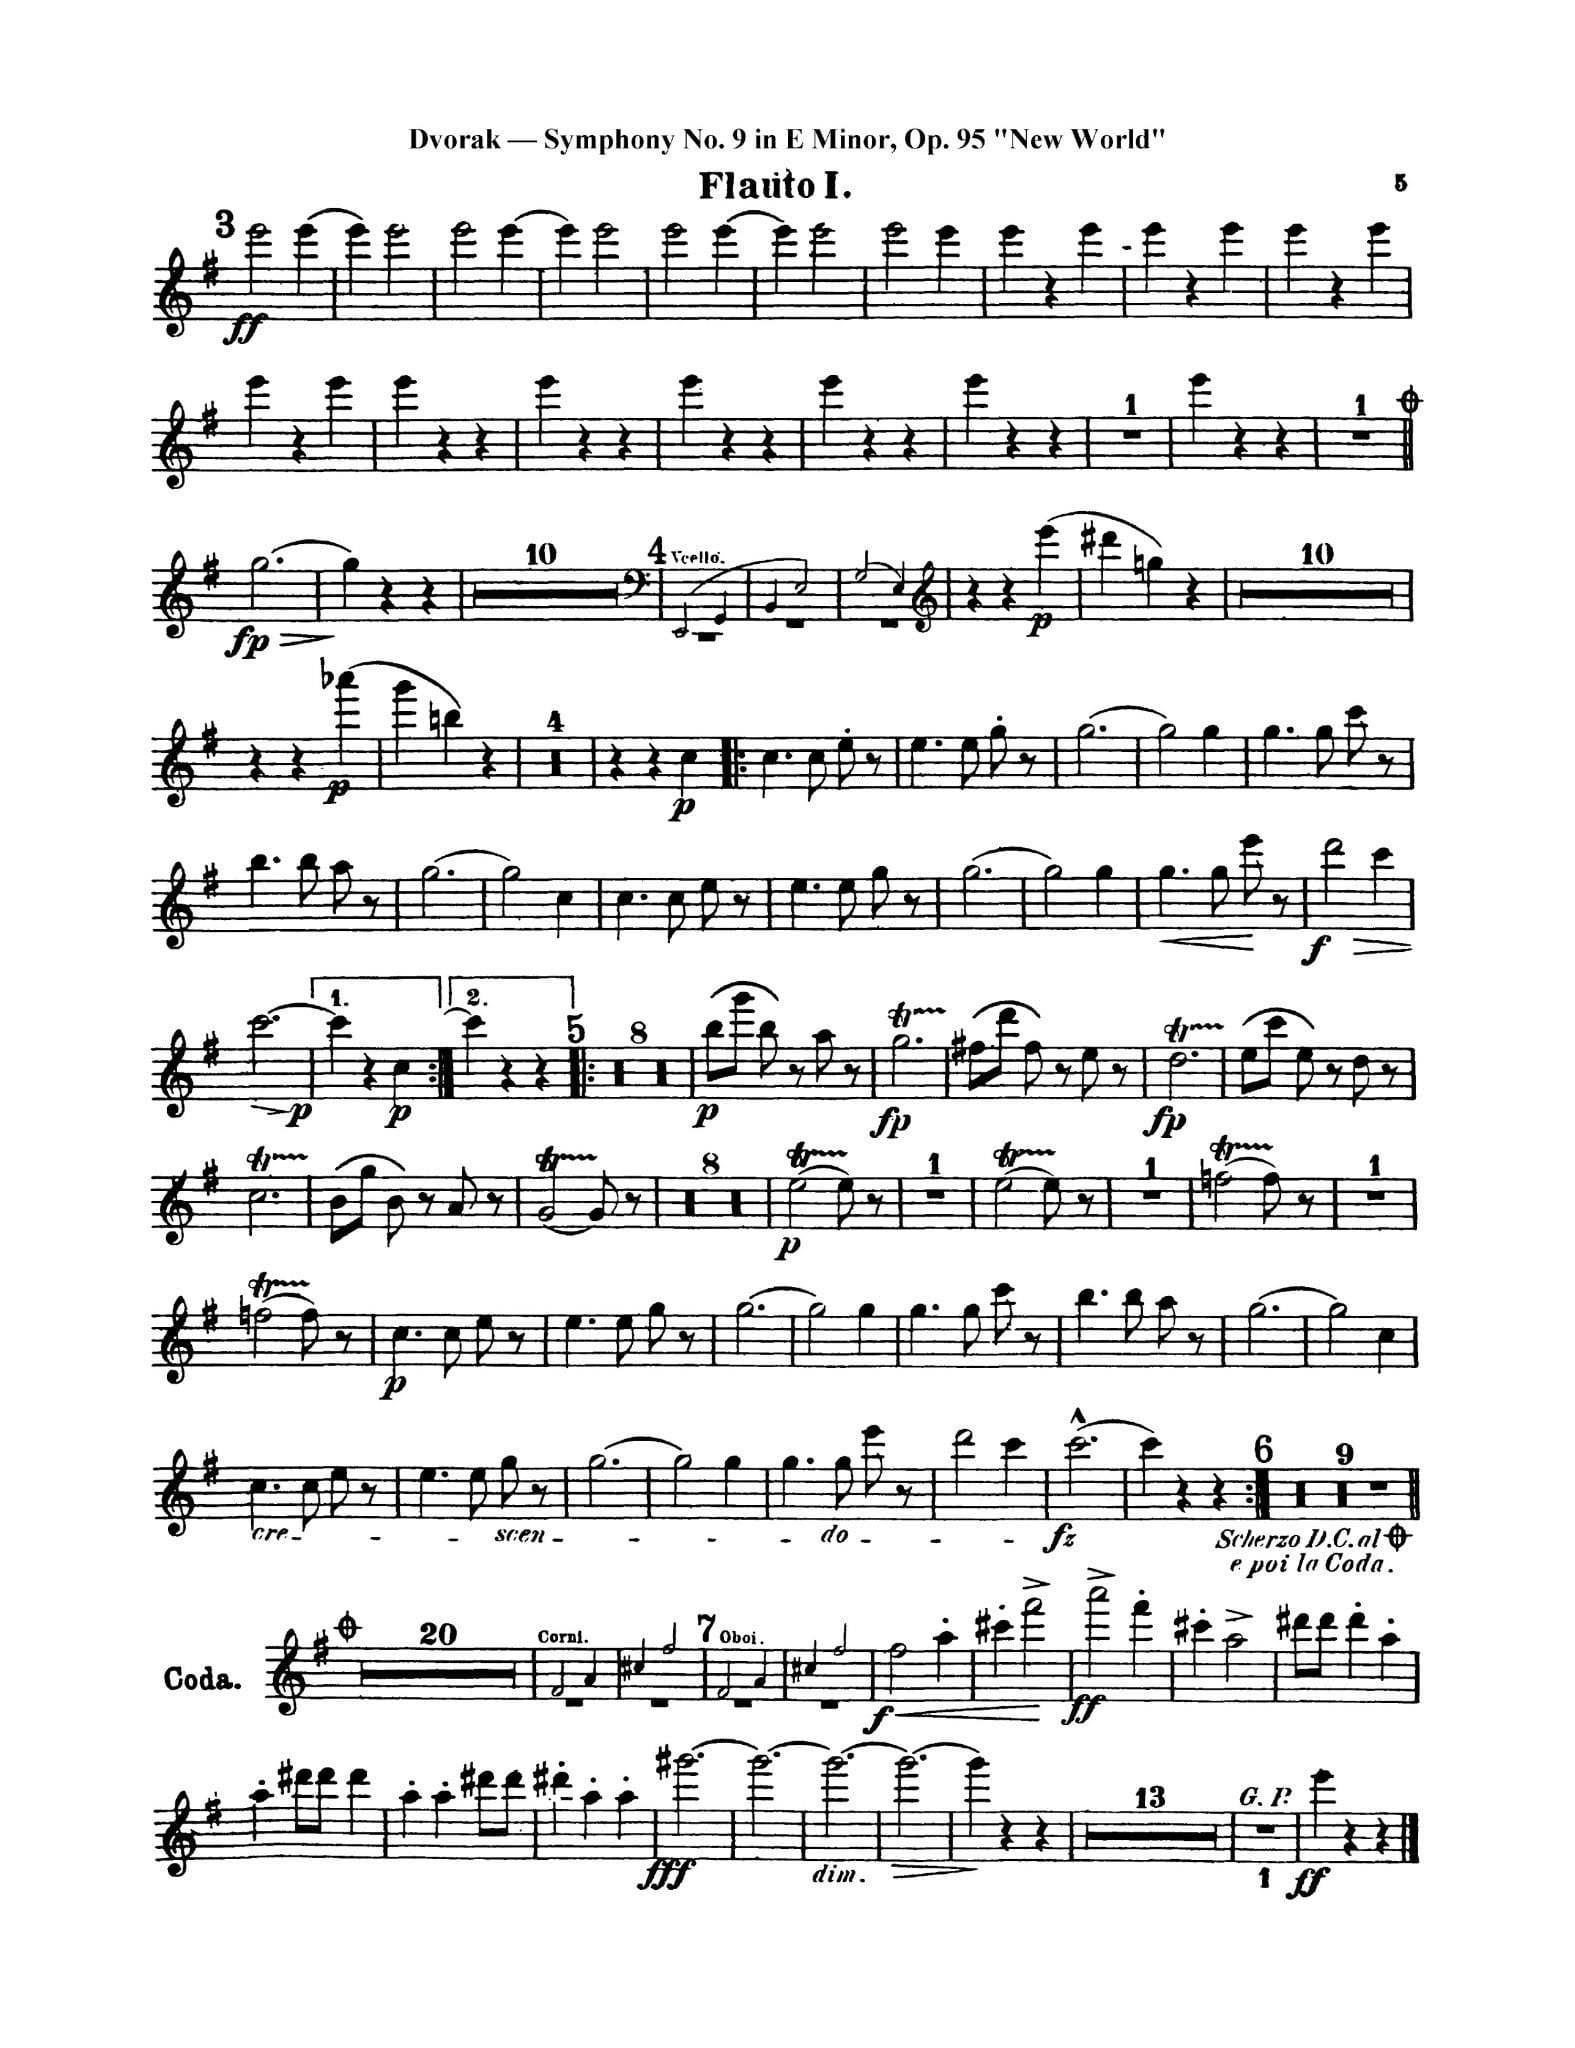 Dvorak Symphony No. 9 5